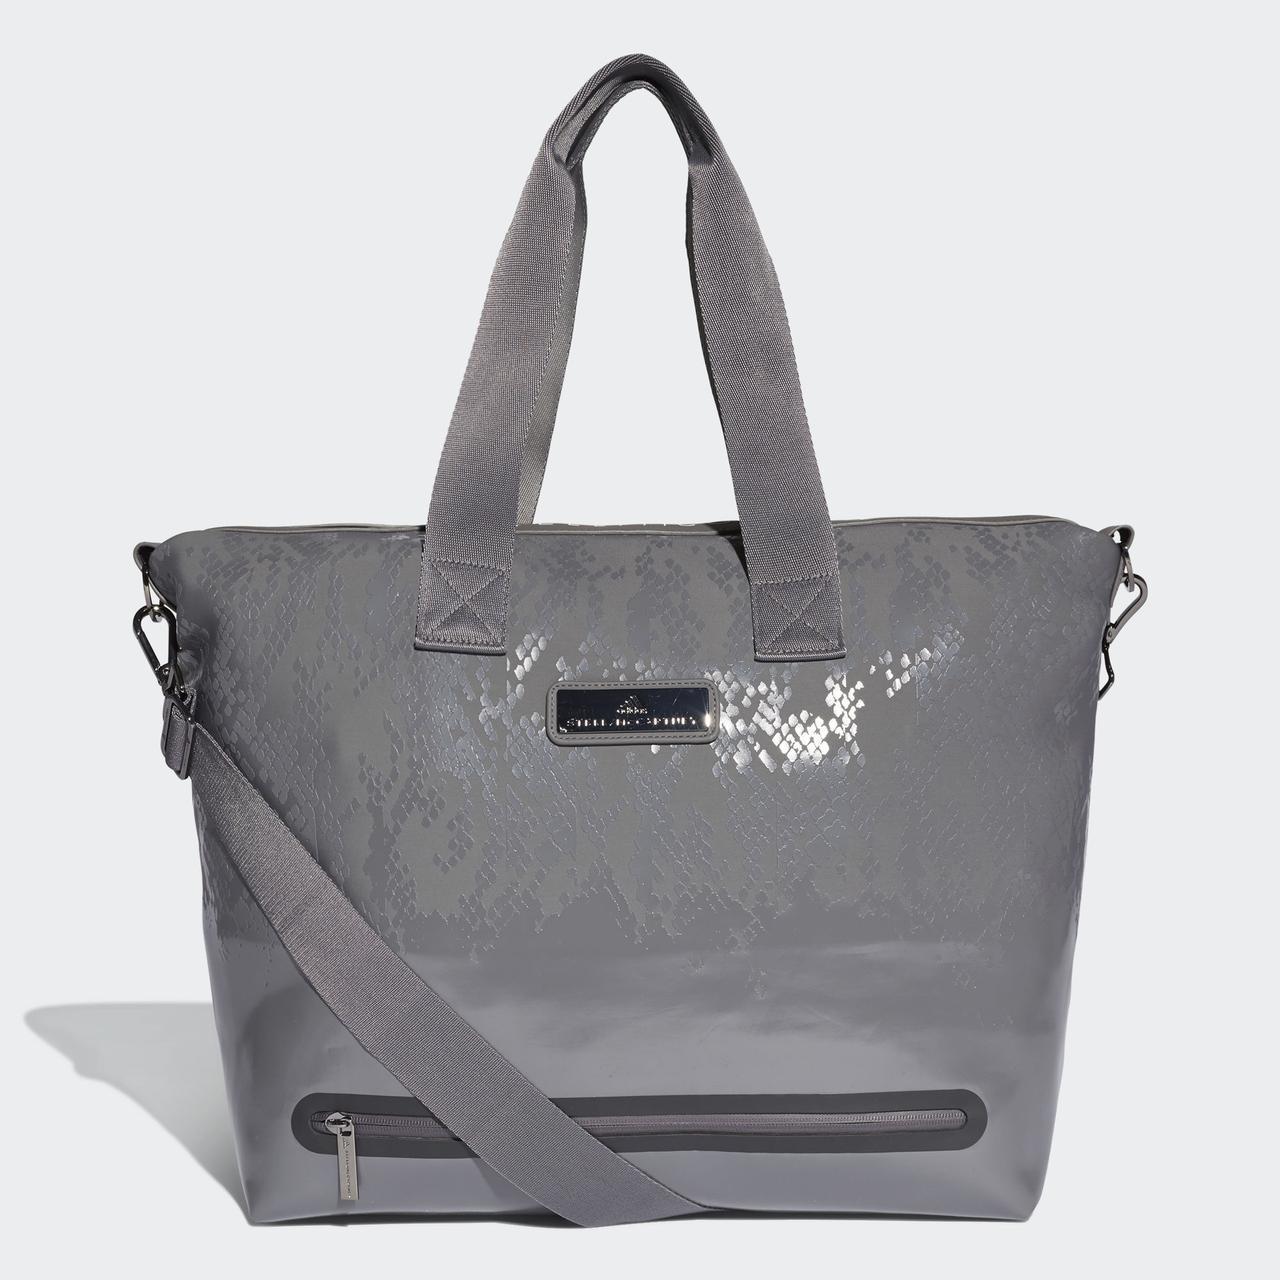 f0b75d787b55 Женская сумка Adidas Studio Medium DT5435 - 2019 - Интернет магазин Tip -  все типы товаров